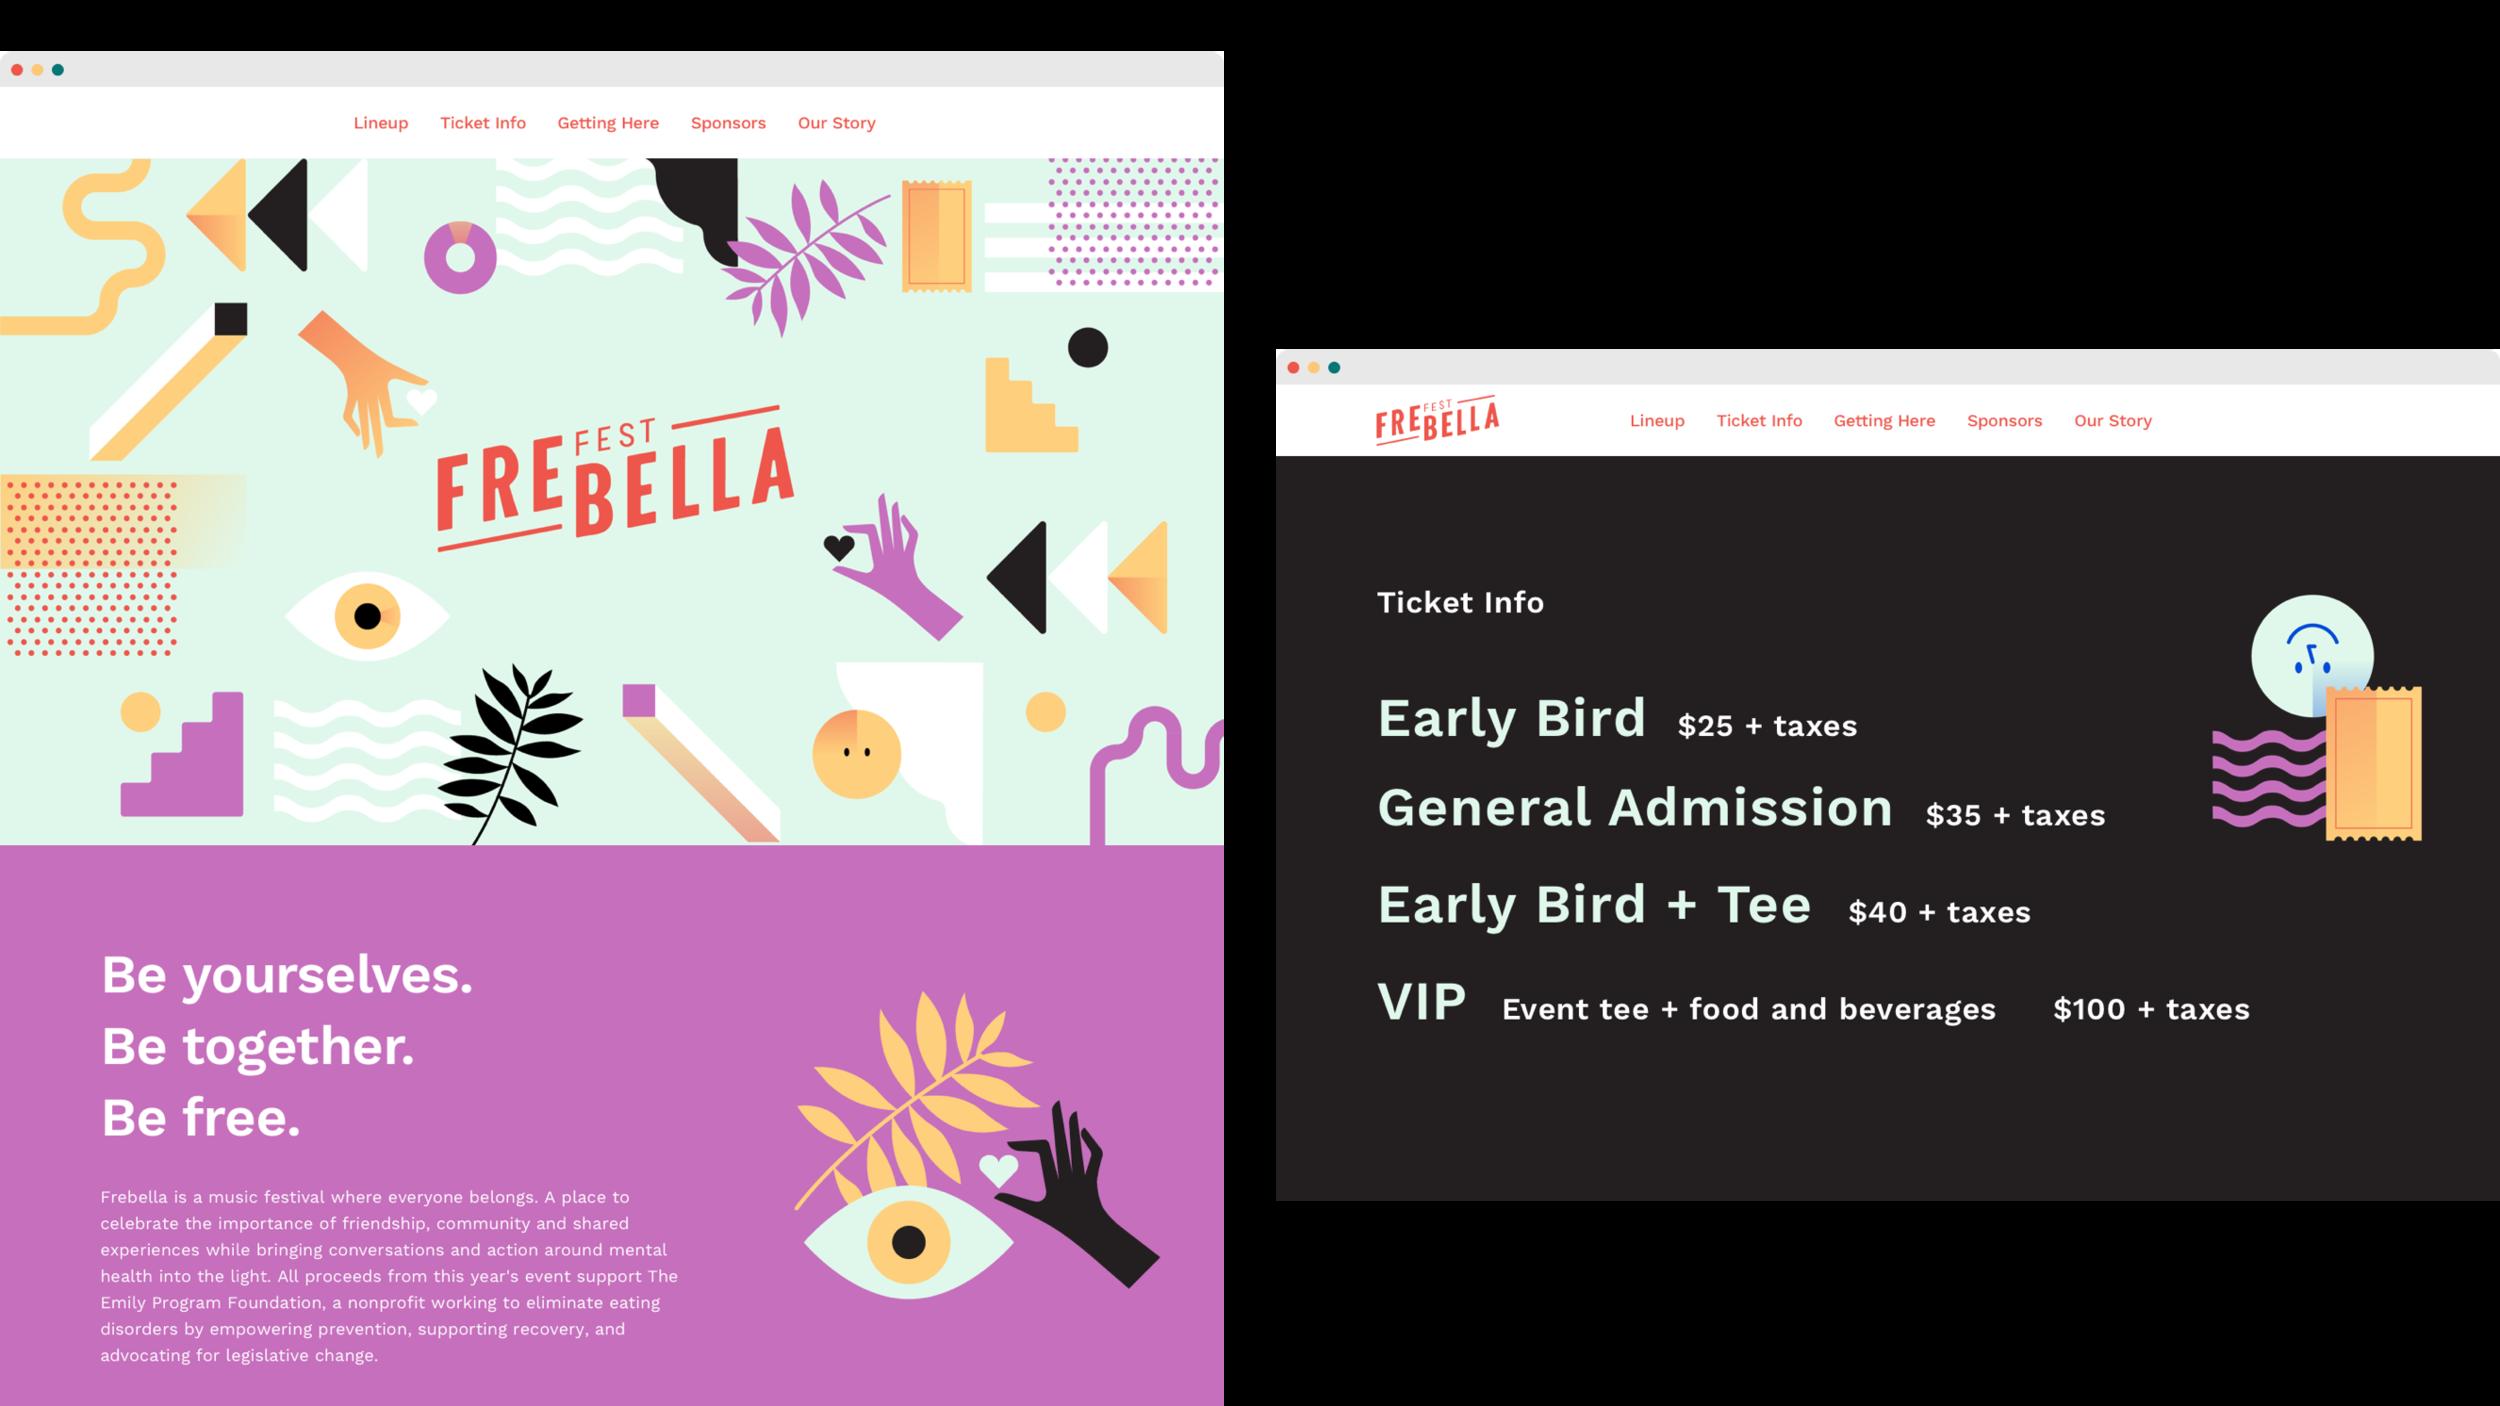 Frebella_Site.png